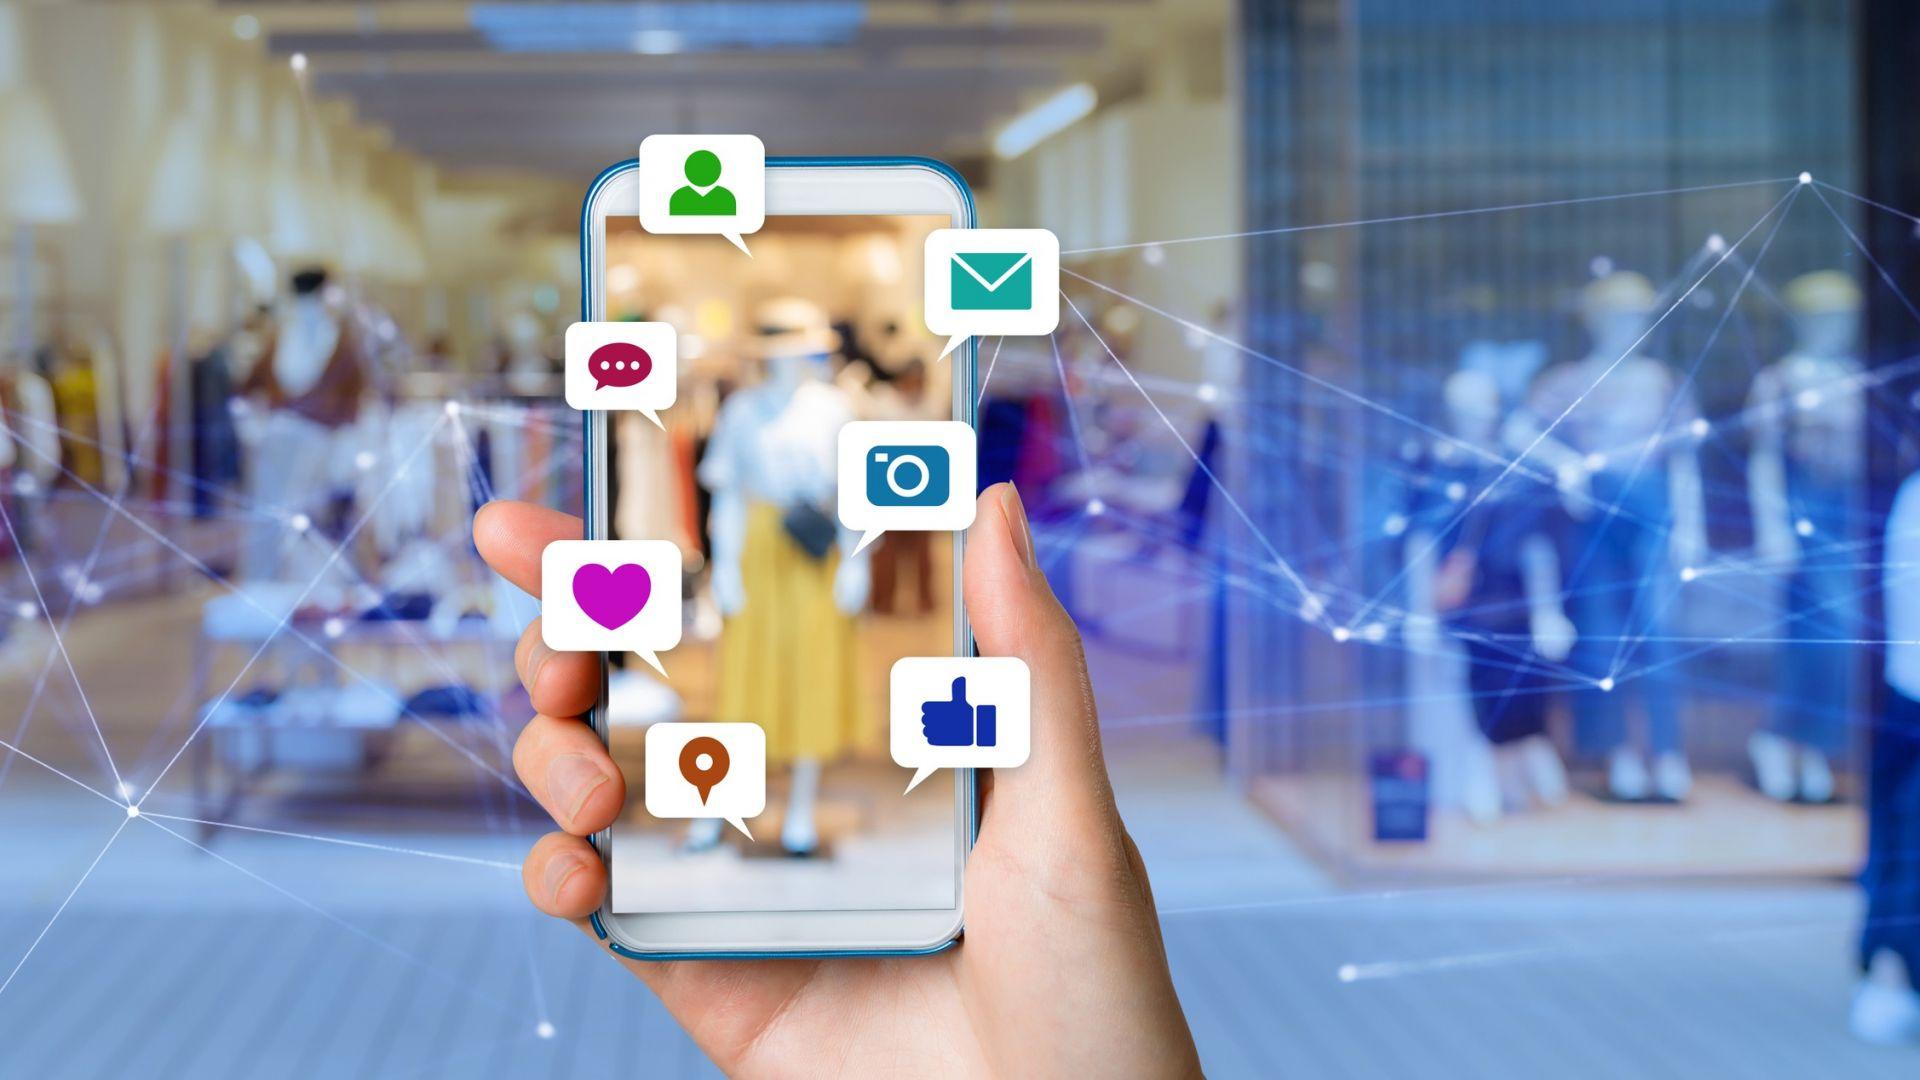 10-те най-полезни приложения за вашия смартфон